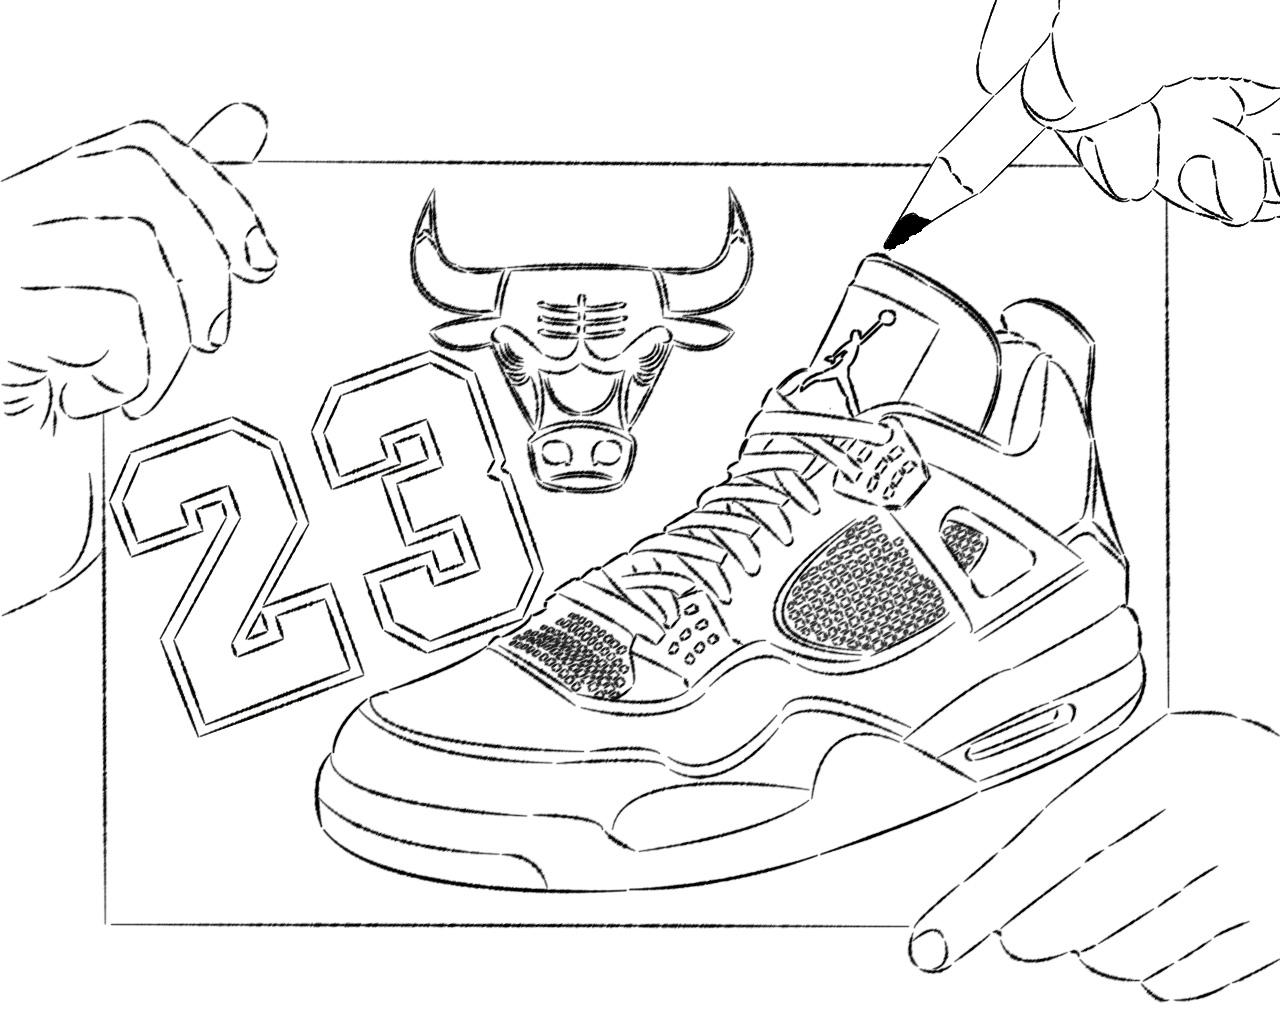 1280x1024 Air Jordan 4 Drawing